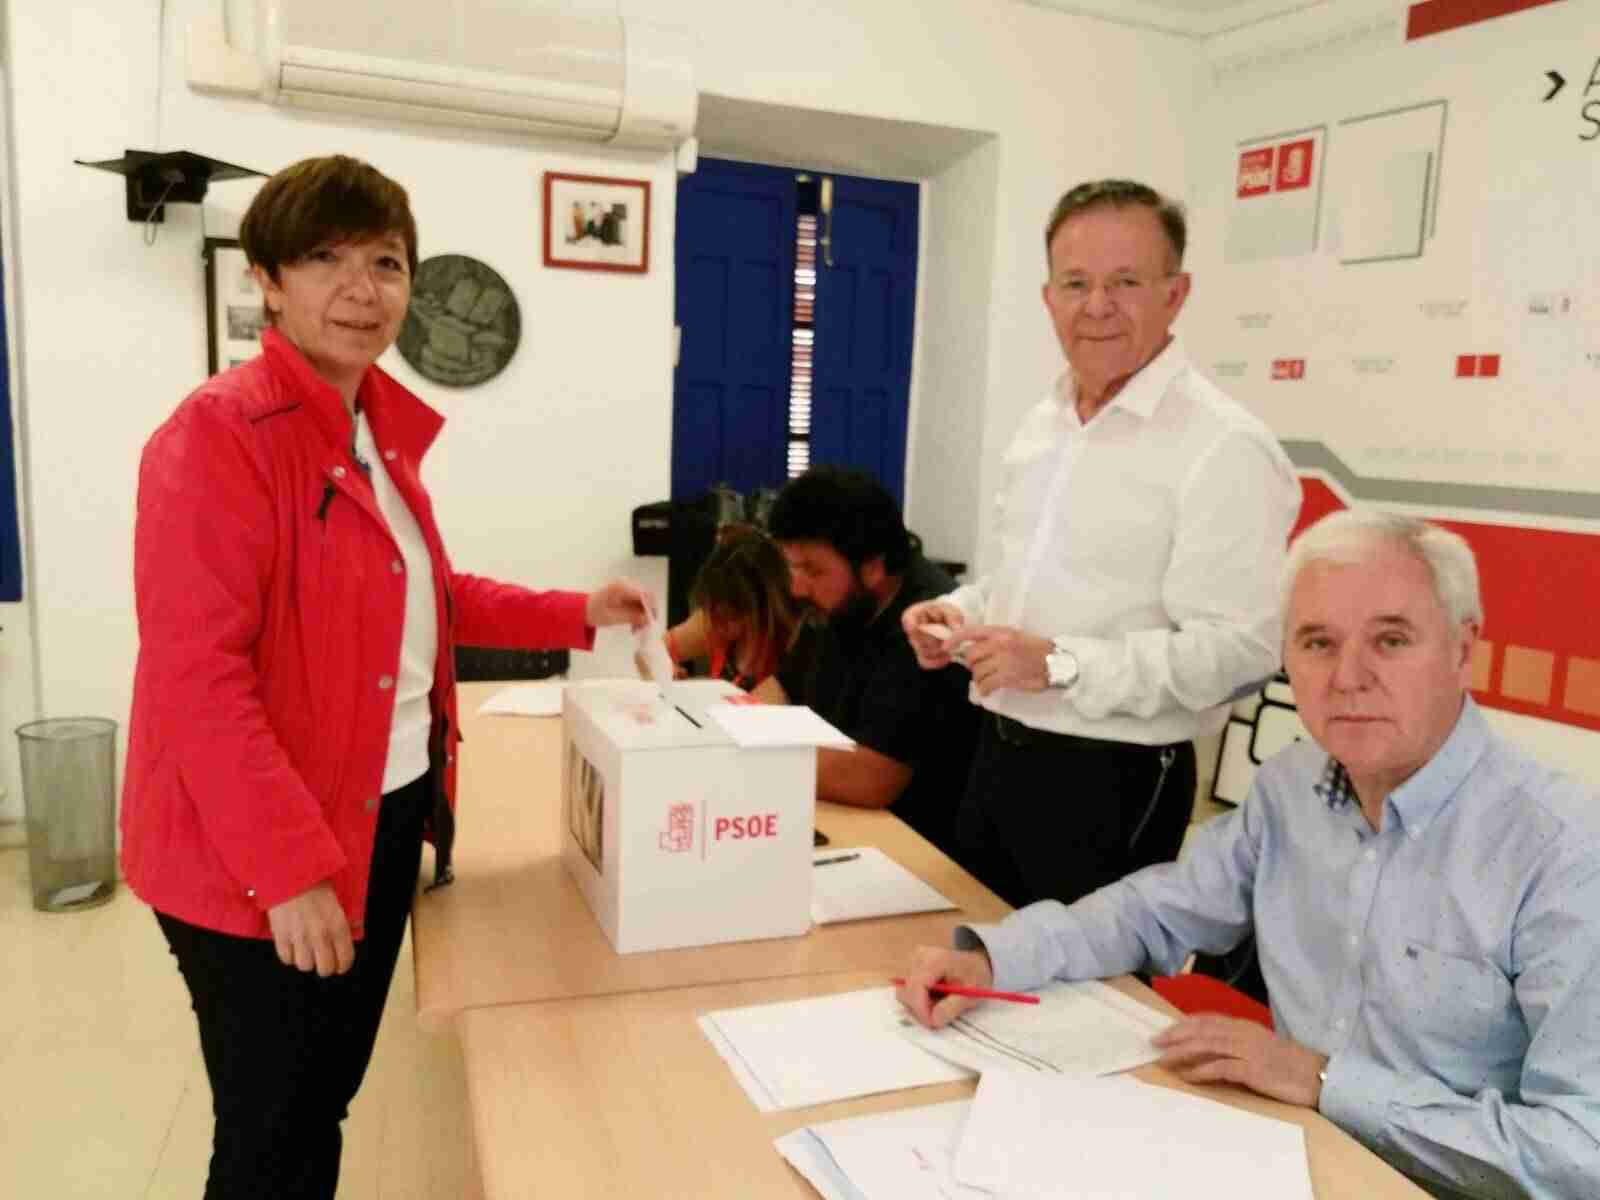 votacion primarias psoe alcazar 2 - PSOE de Alcázar participa activamente en las Primarias del partido